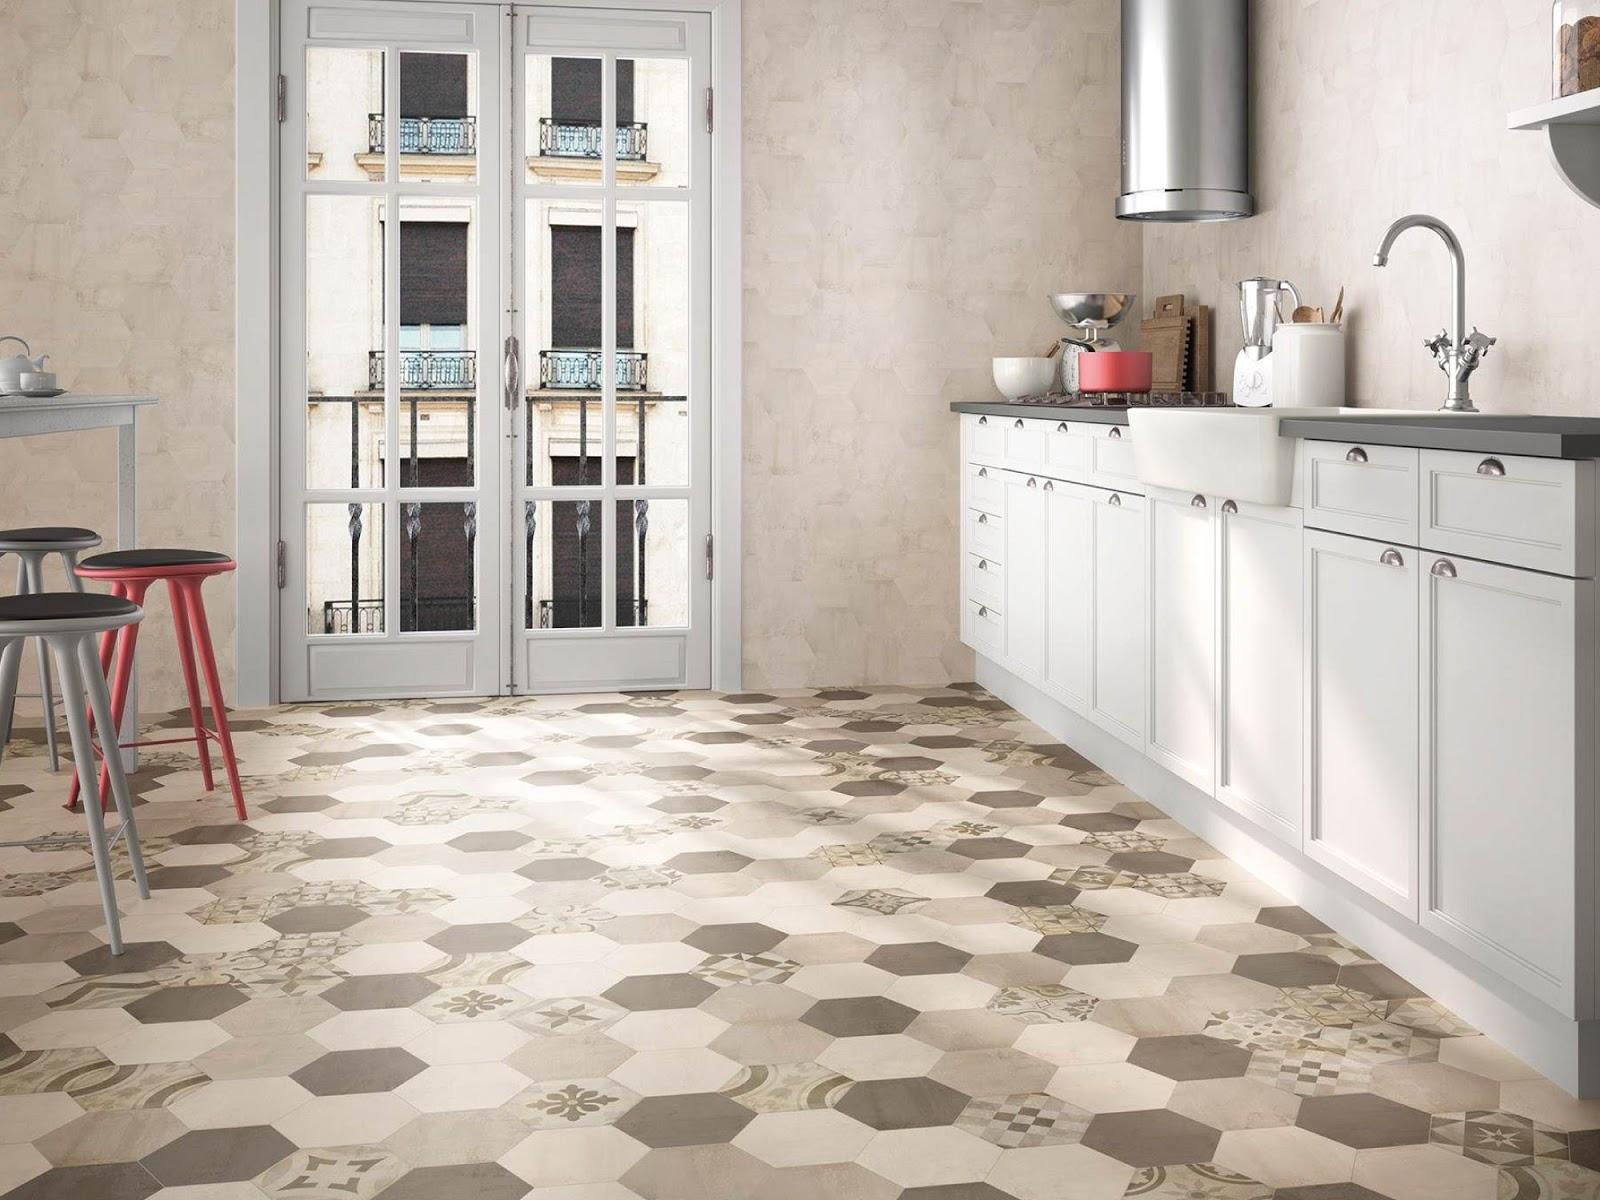 Interiores y 3d tipos de suelo para cocinas for Baldosas cocina